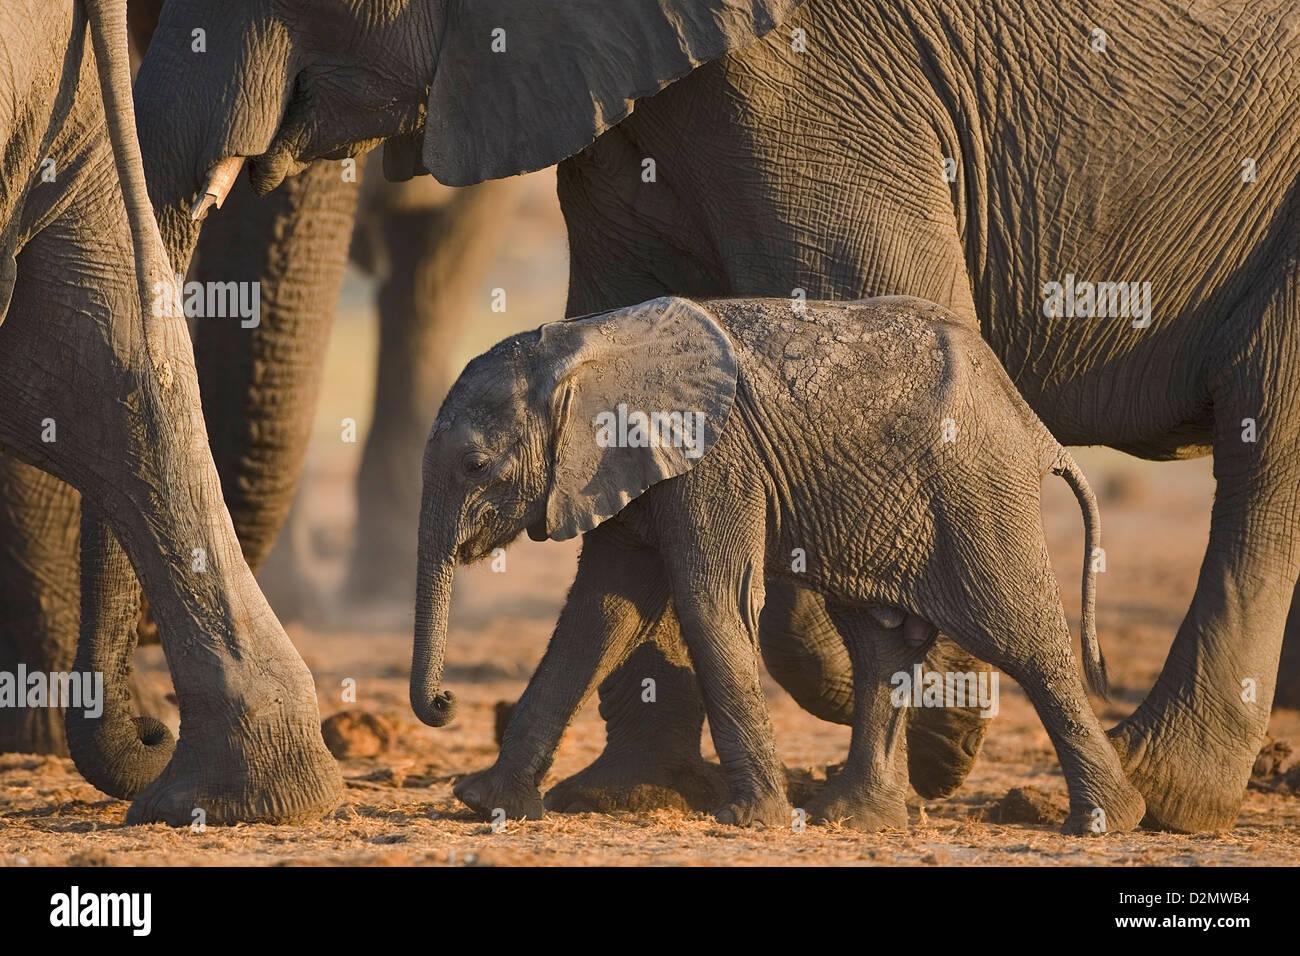 African elephant and young, Loxodonta africana, Chobe National Park, Botswana - Stock Image